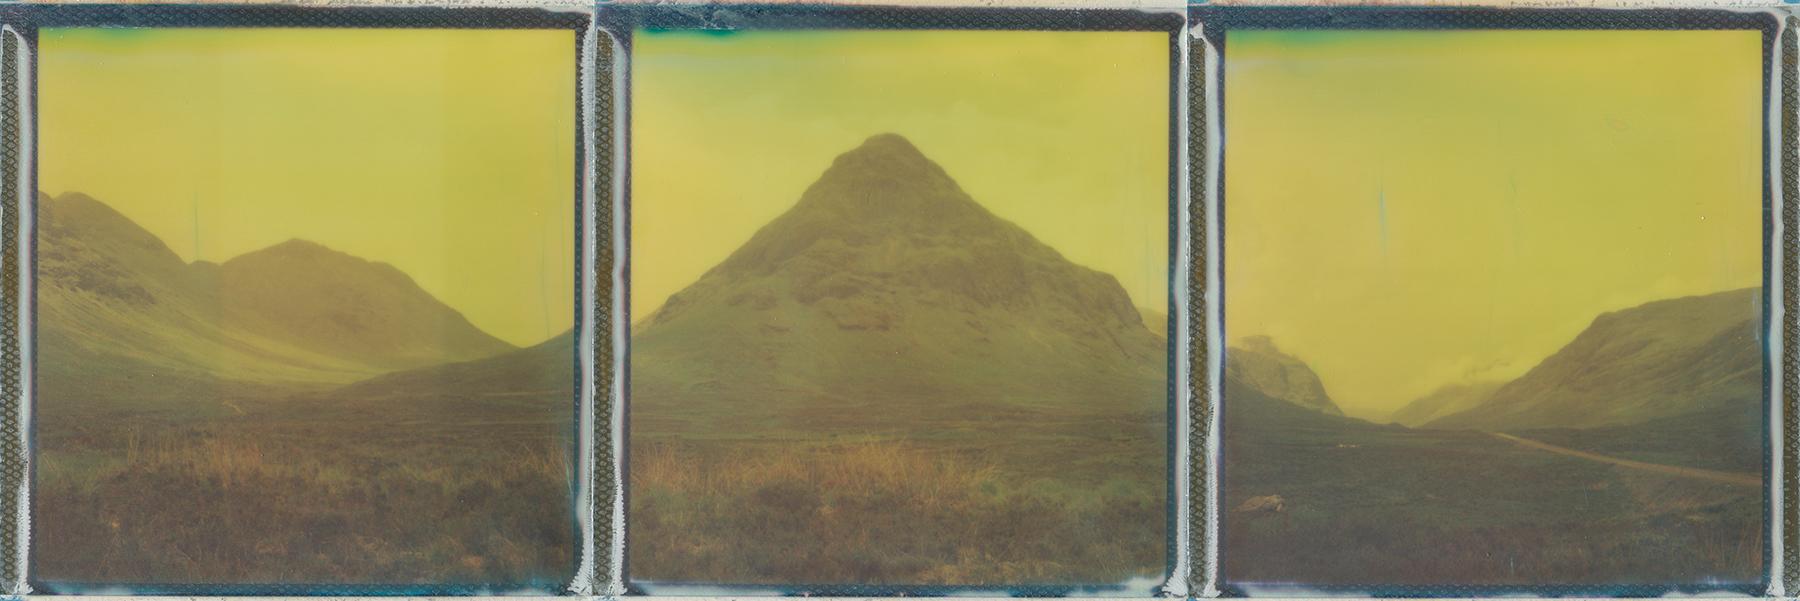 Buachaille Etìve Mòr | Polaroid SX70 | Impossible Project 600 Color | Ina Echternach